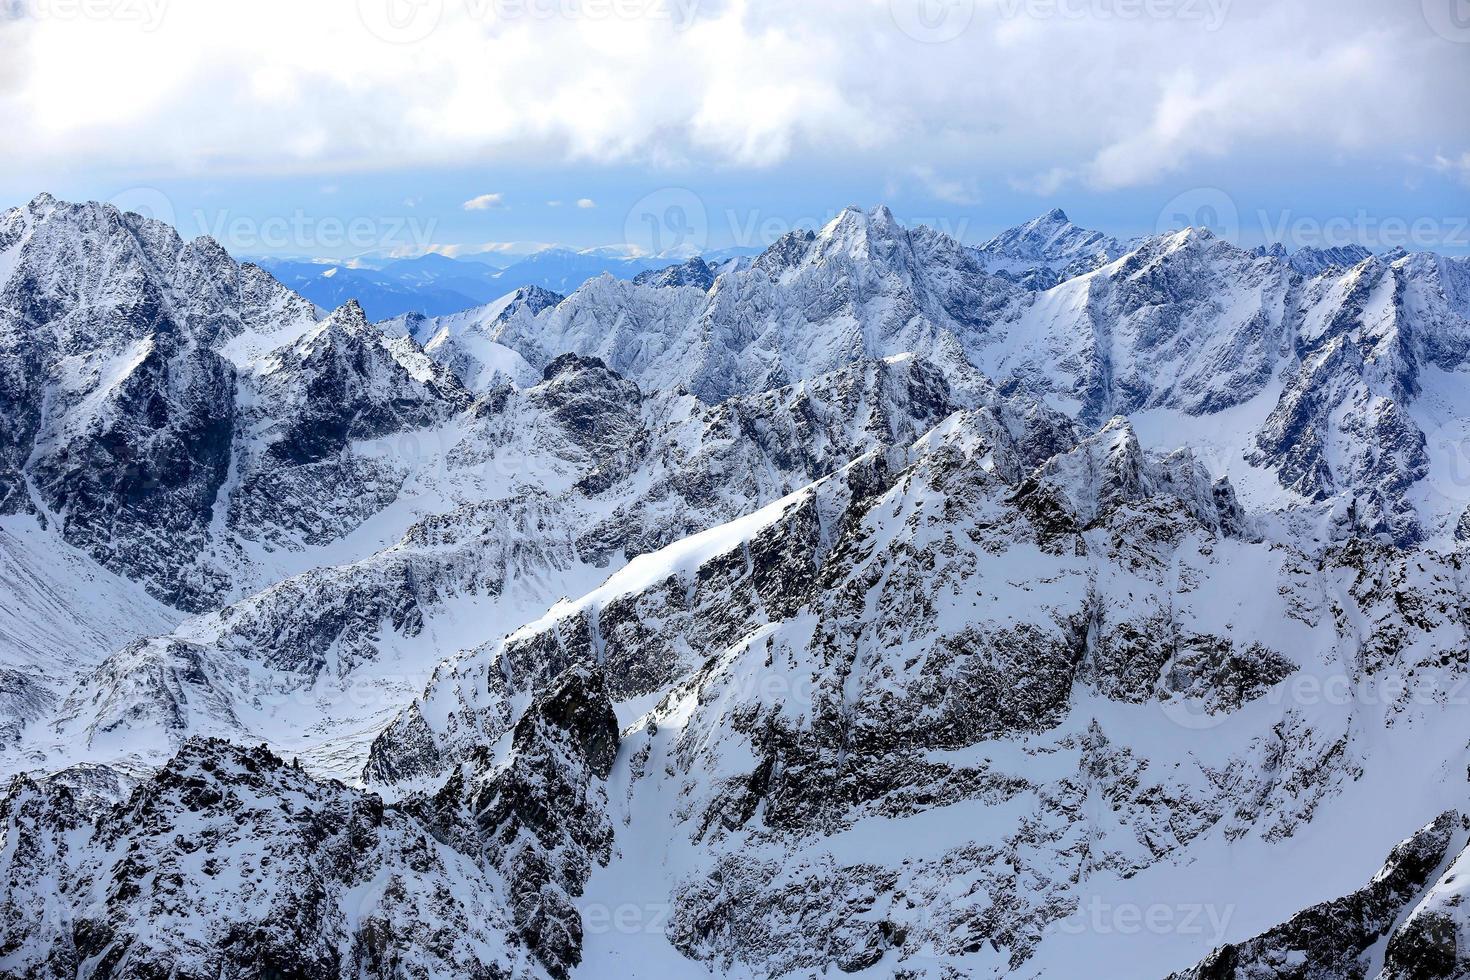 Mountain scene photo